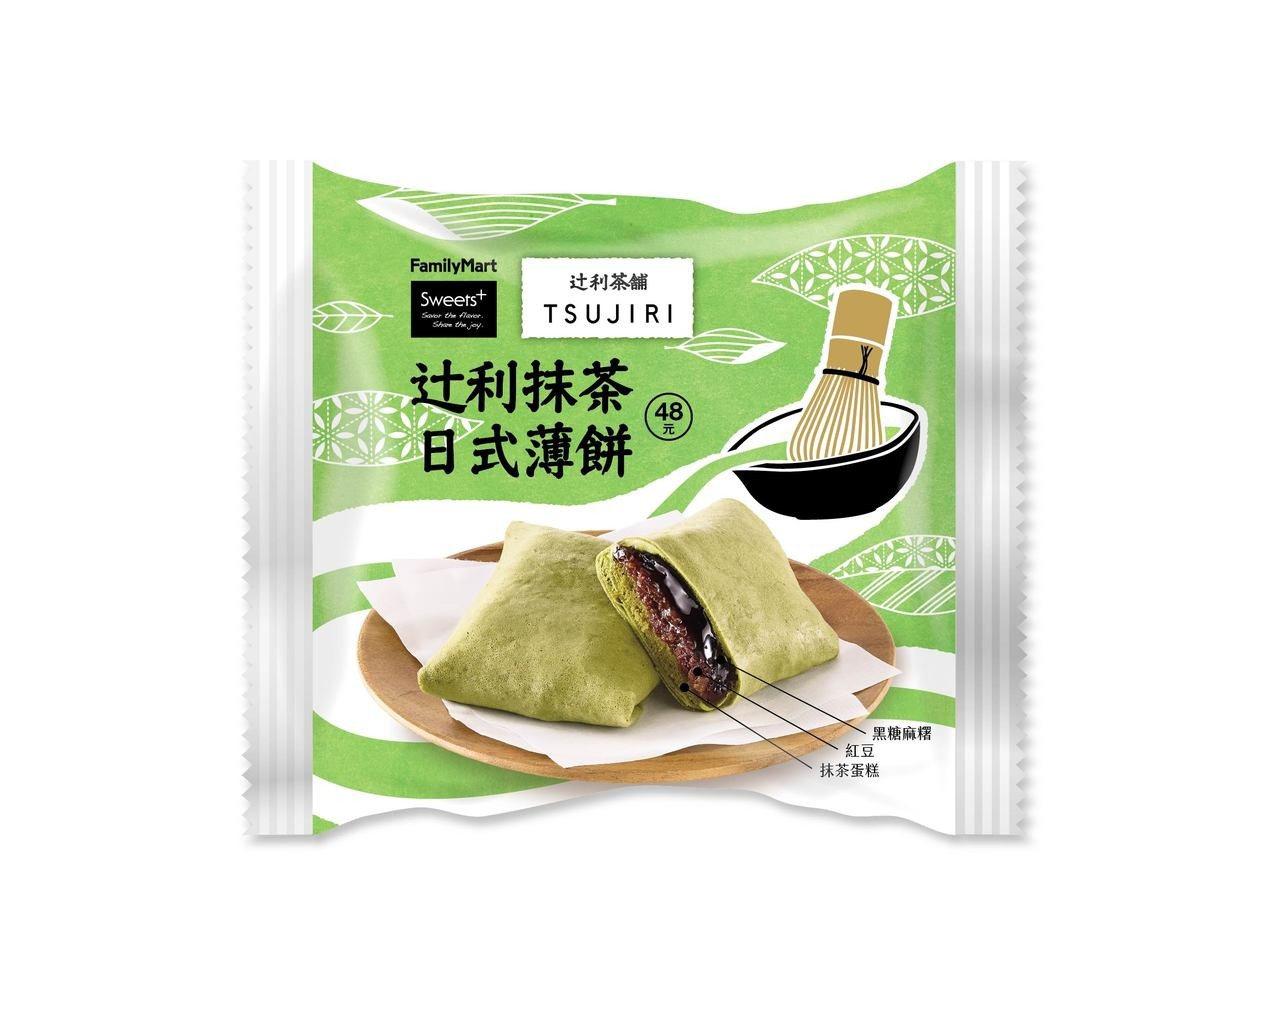 辻利抹茶日式薄餅外層使用抹茶薄餅層層包覆,再添加Q軟黑糖麻糬與萬丹蜜紅豆,打造豐...